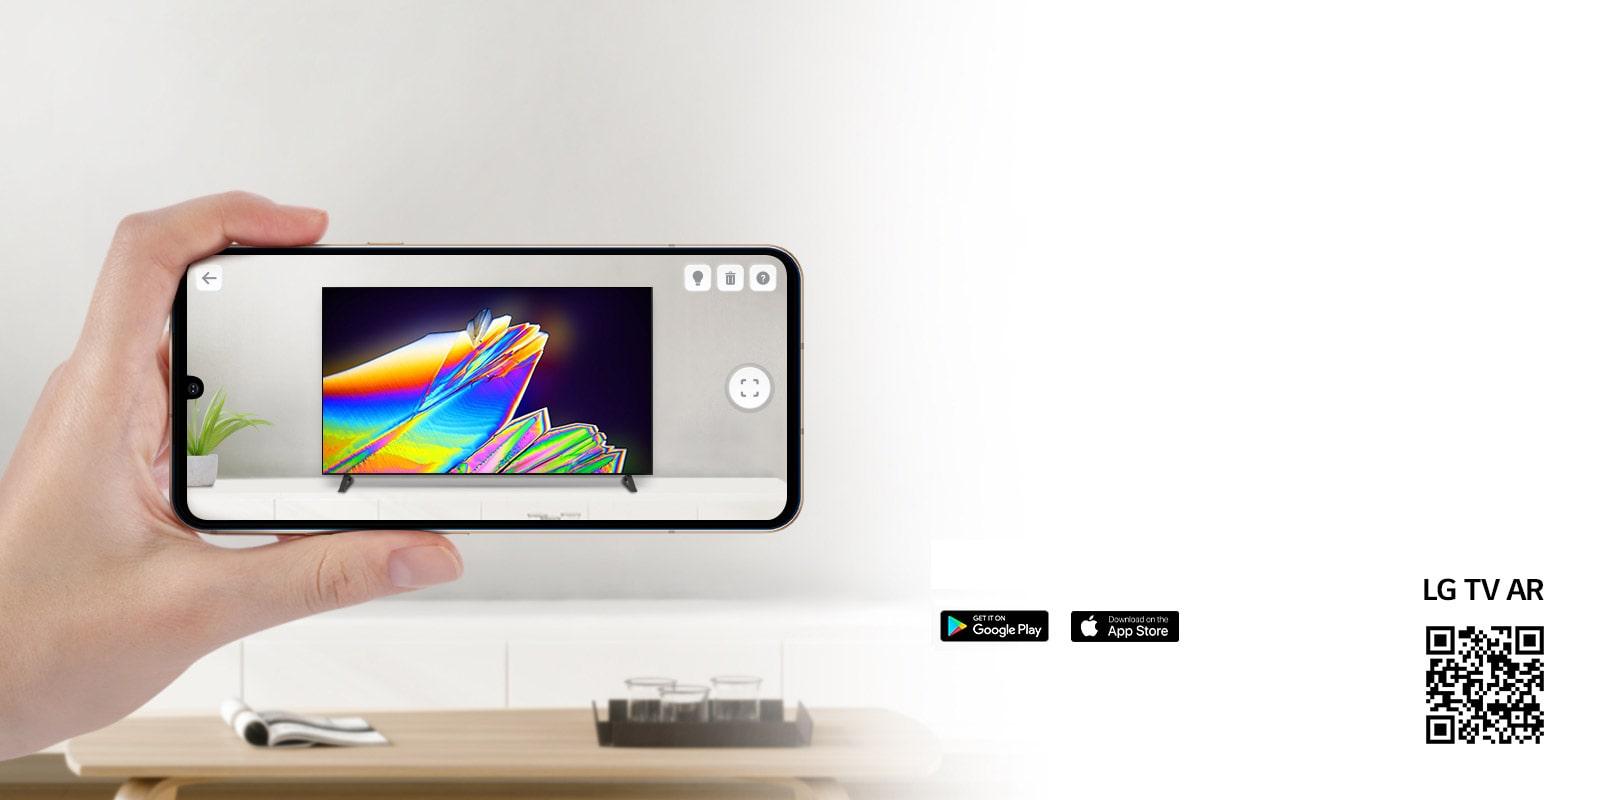 Một người đang dùng ứng dụng LG TV AR trên điện thoại và một mã QR liên kết tới LG TV AR